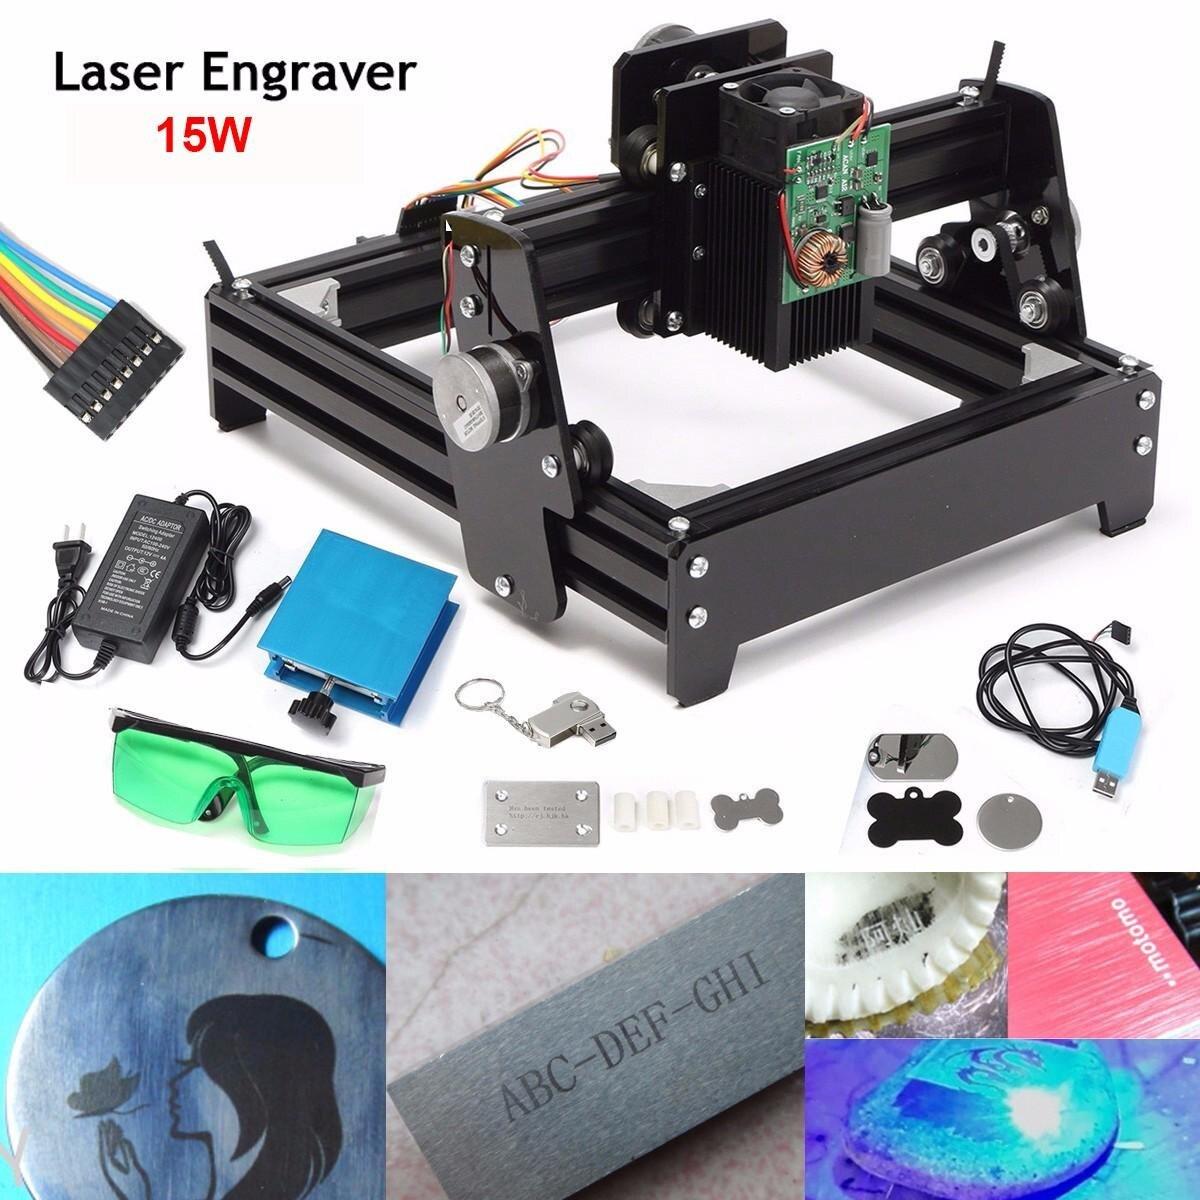 Новый 15 Вт лазер AS-5 USB Настольный 15000 МВт ЧПУ лазерный гравер DIY маркировочная машина для металла камень дерево гравировка области 14x20 см